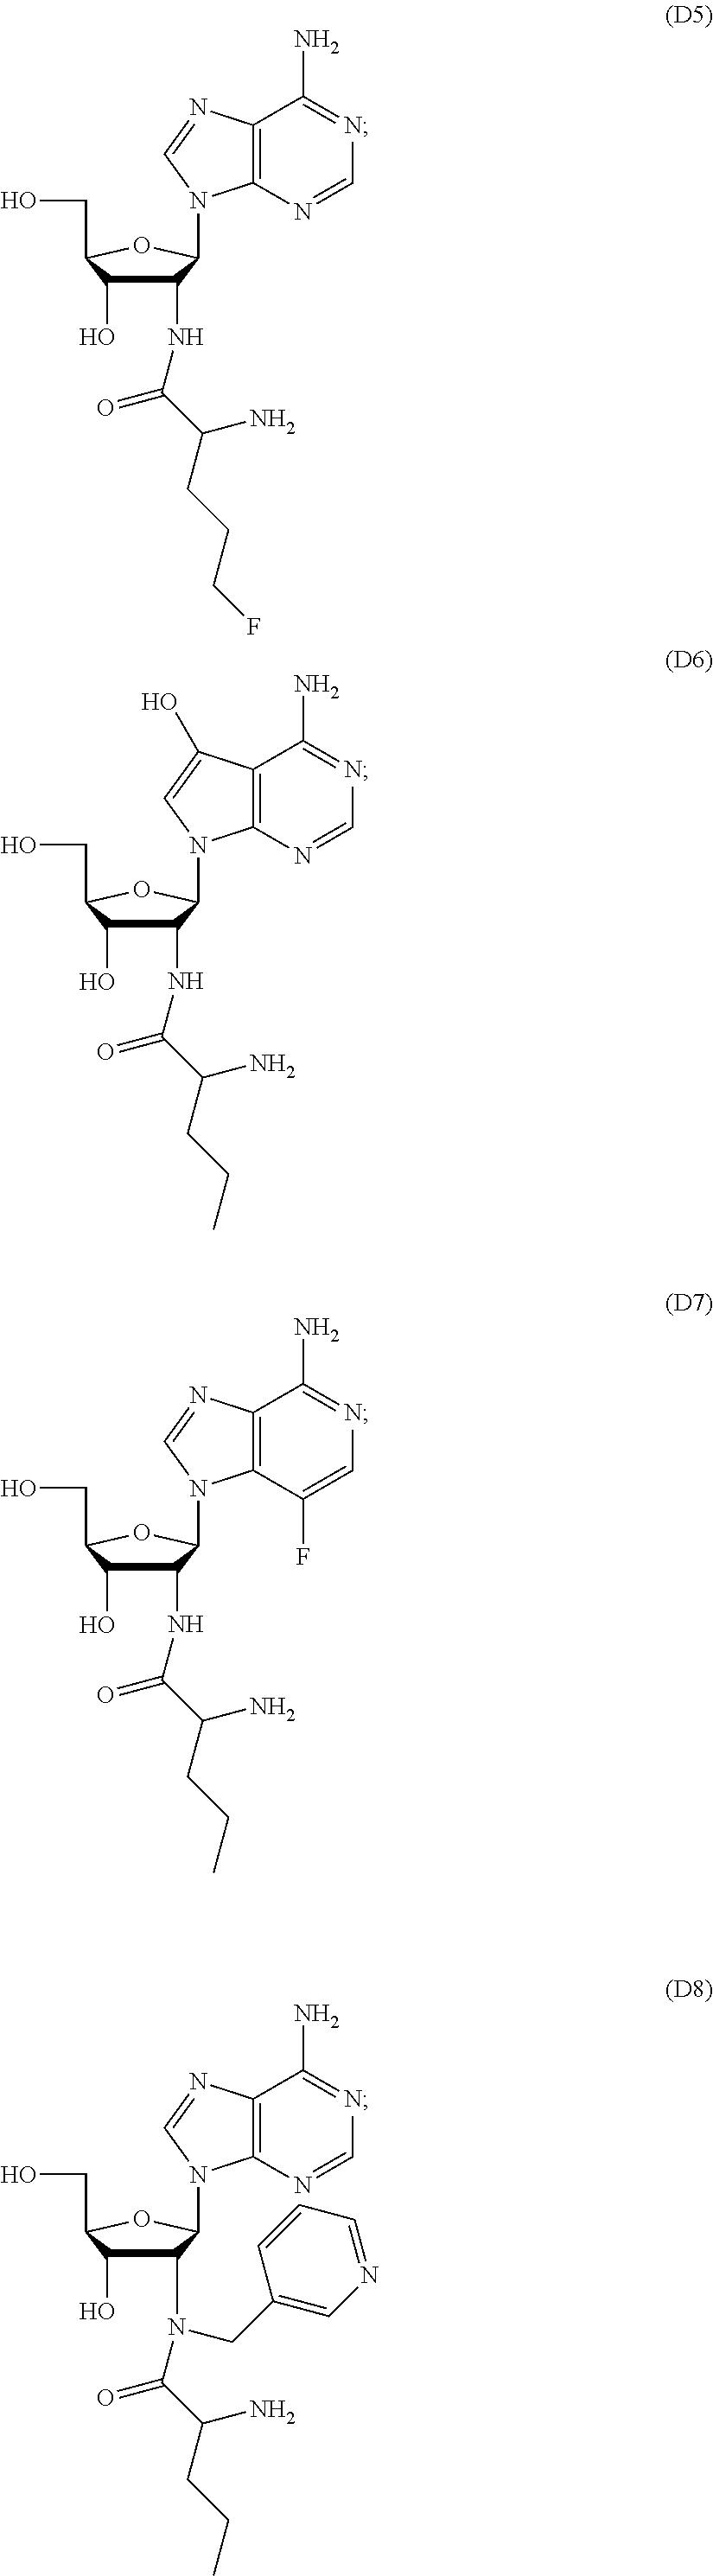 Figure US09353133-20160531-C00064